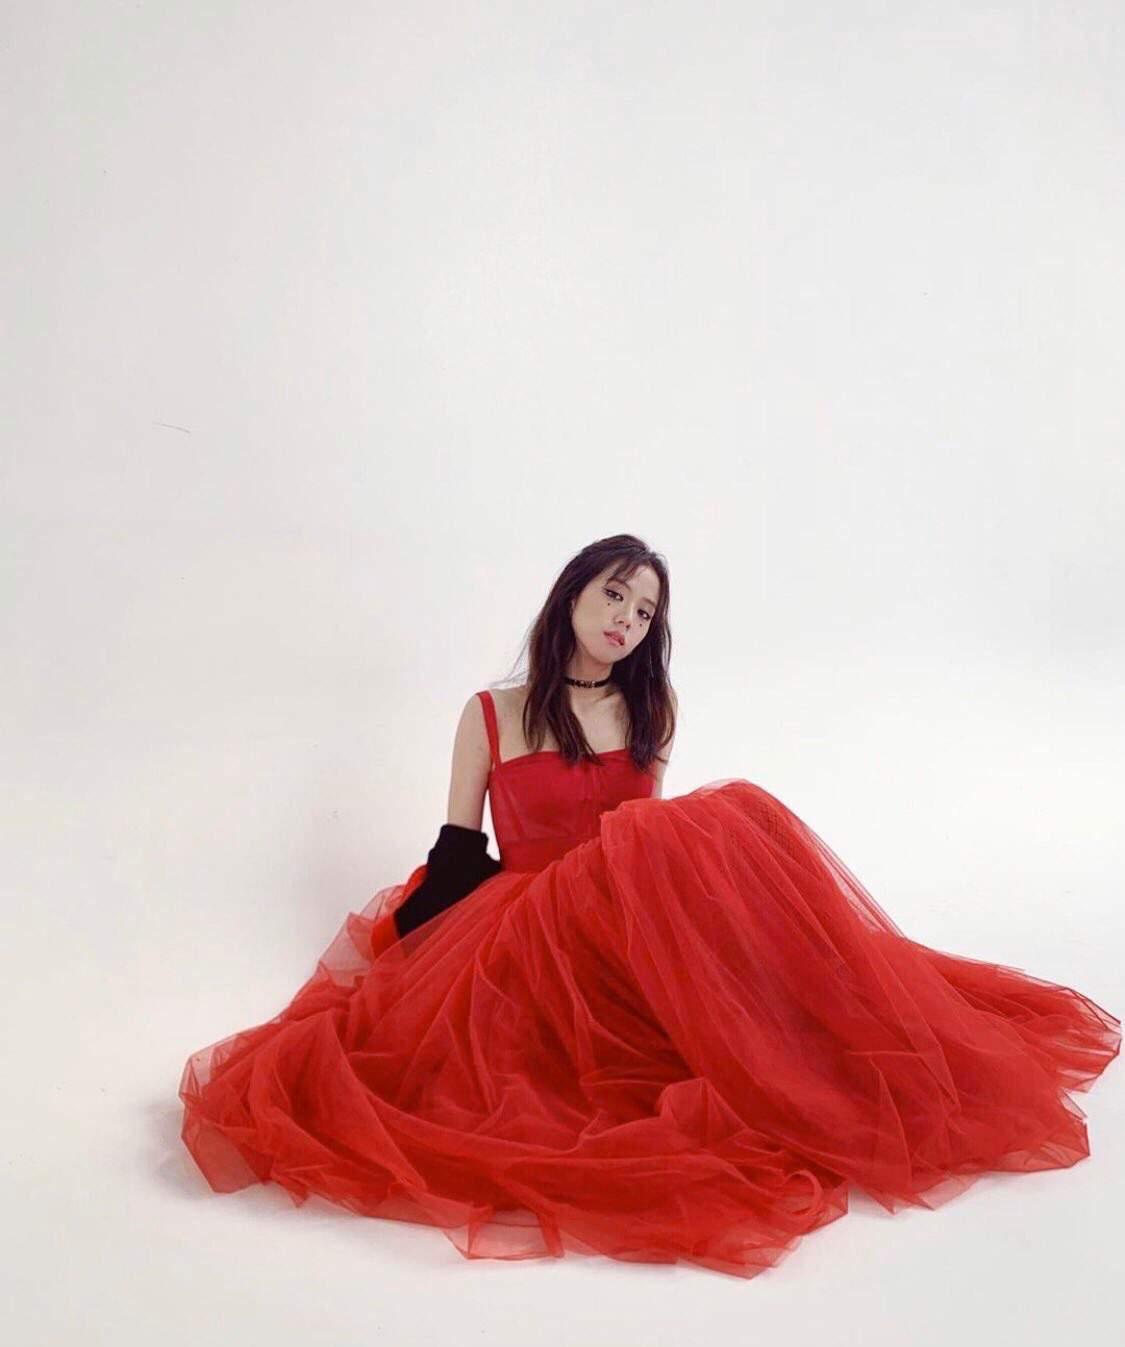 jisoo red 4